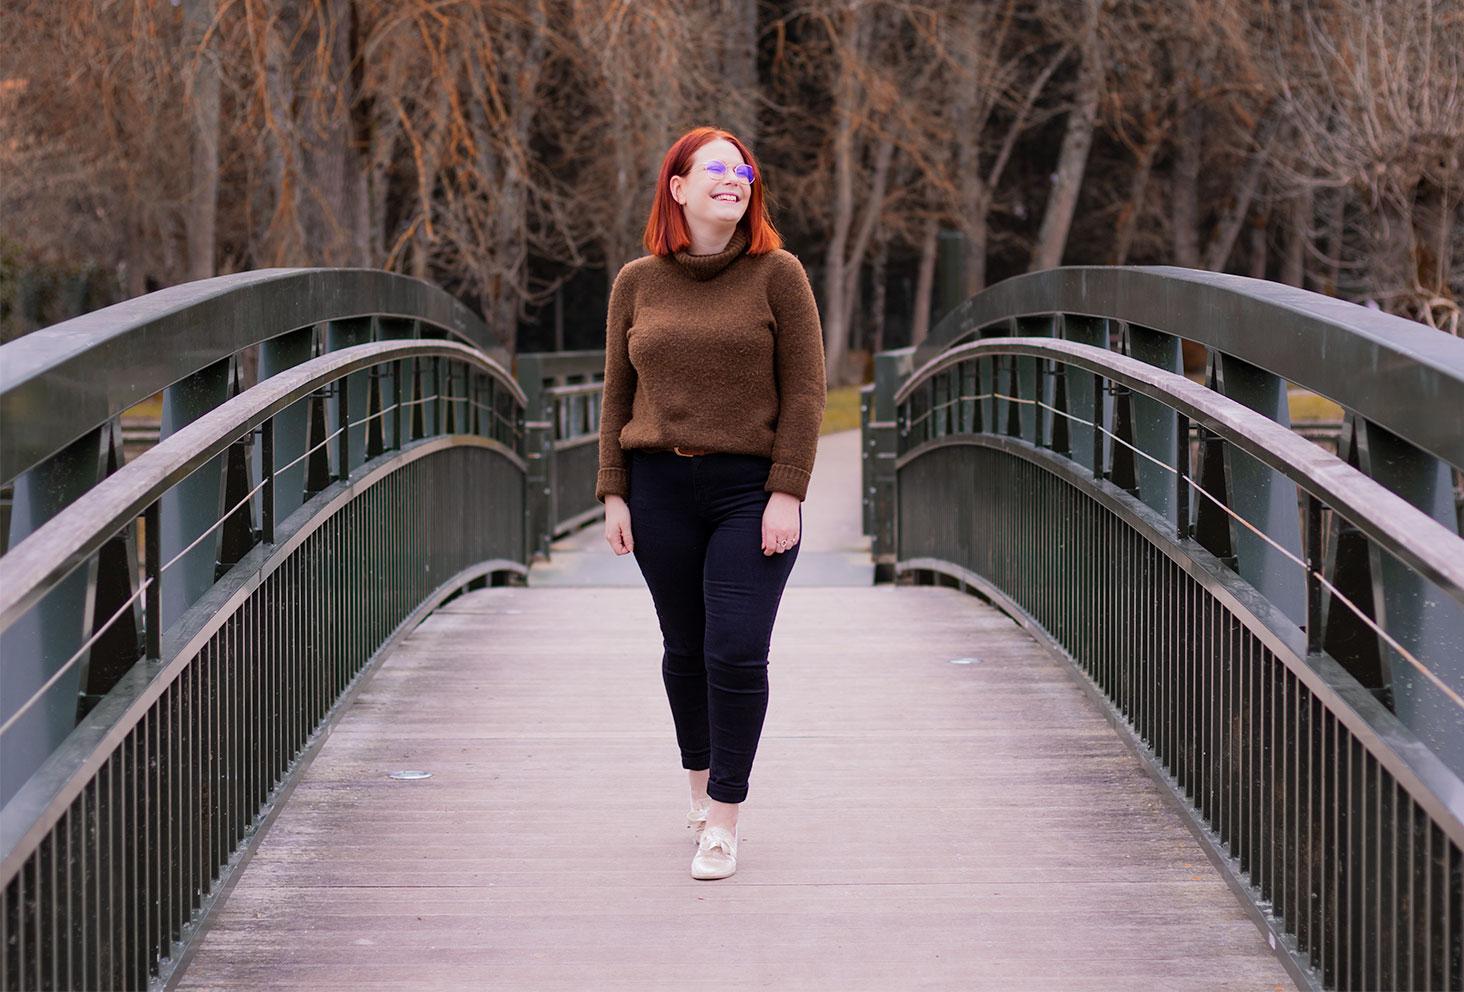 En jean noir, basket Armistice et pull kaki Camaïeu à col roulé, en train de marcher au milieu d'un pont métallique au-dessus du Cher